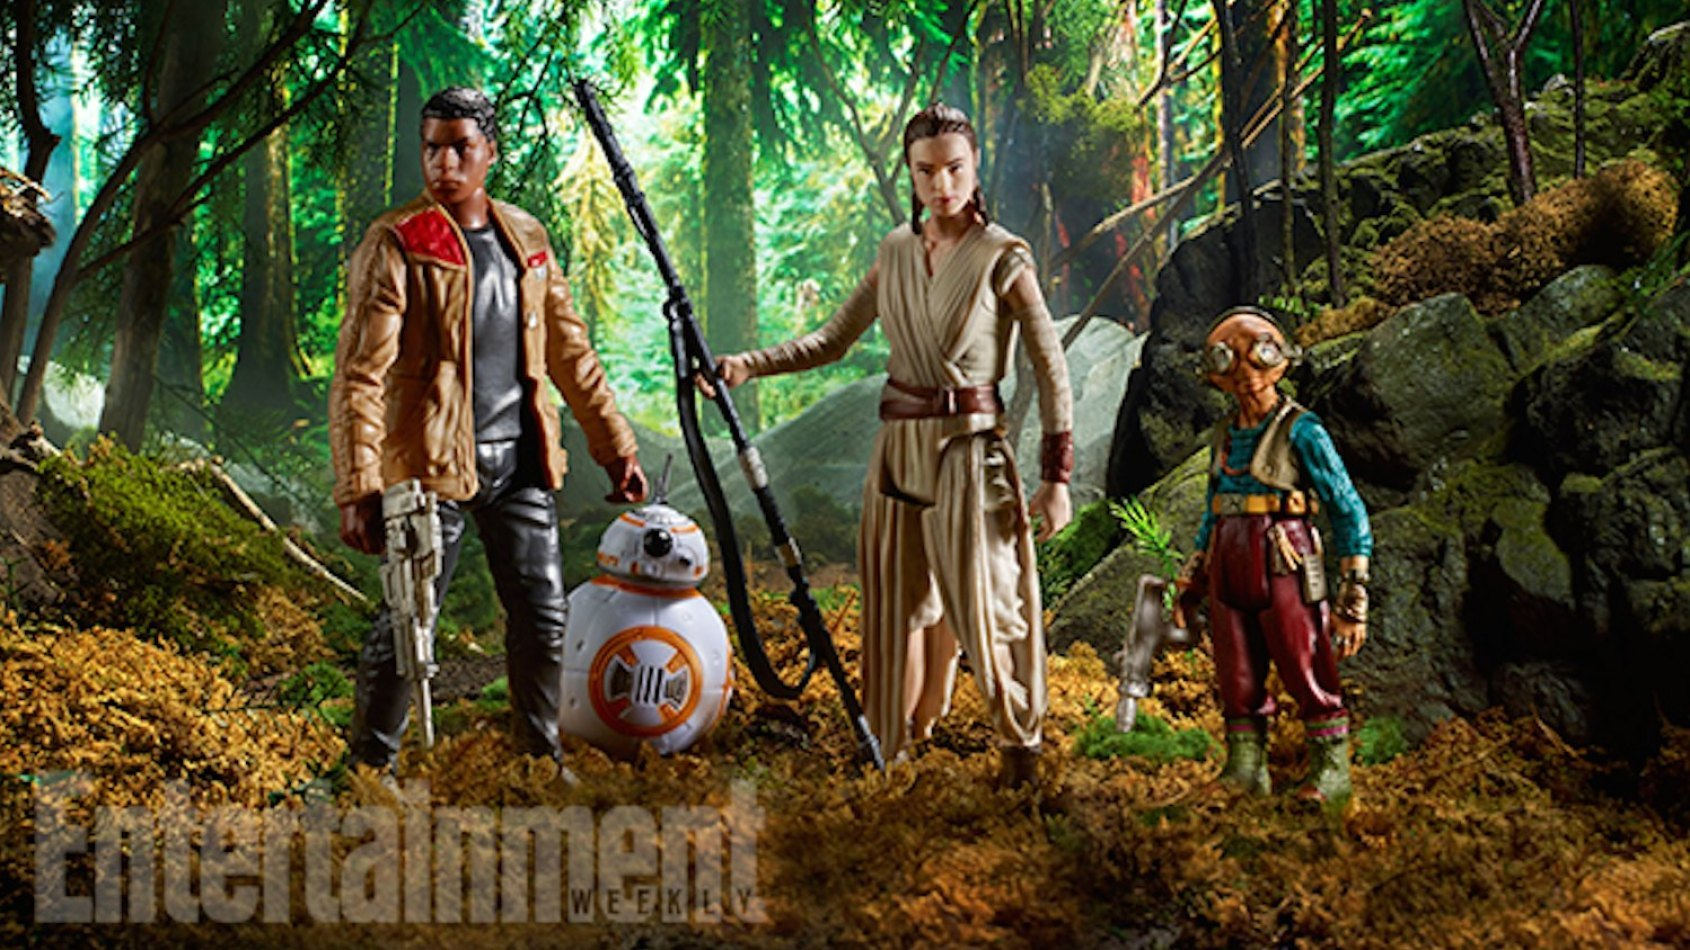 Les nouveautés Star Wars Hasbro au Toy Fair 2016 !